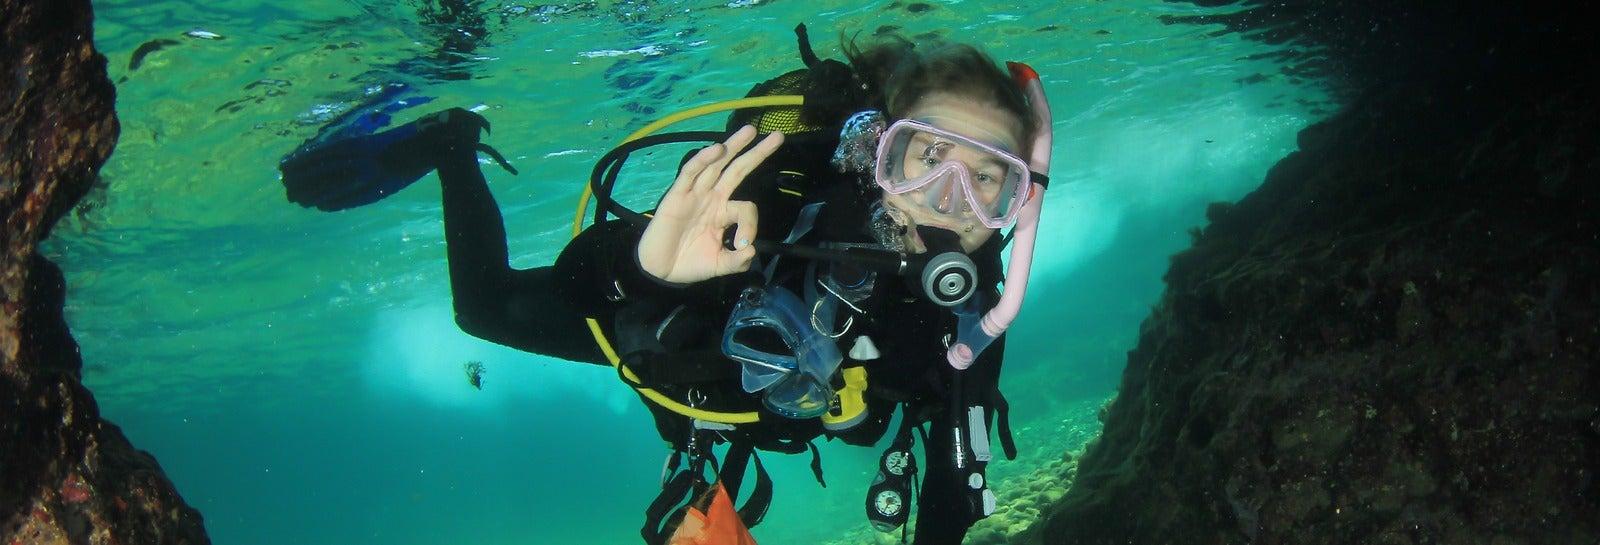 Bautismo de buceo en Formentera